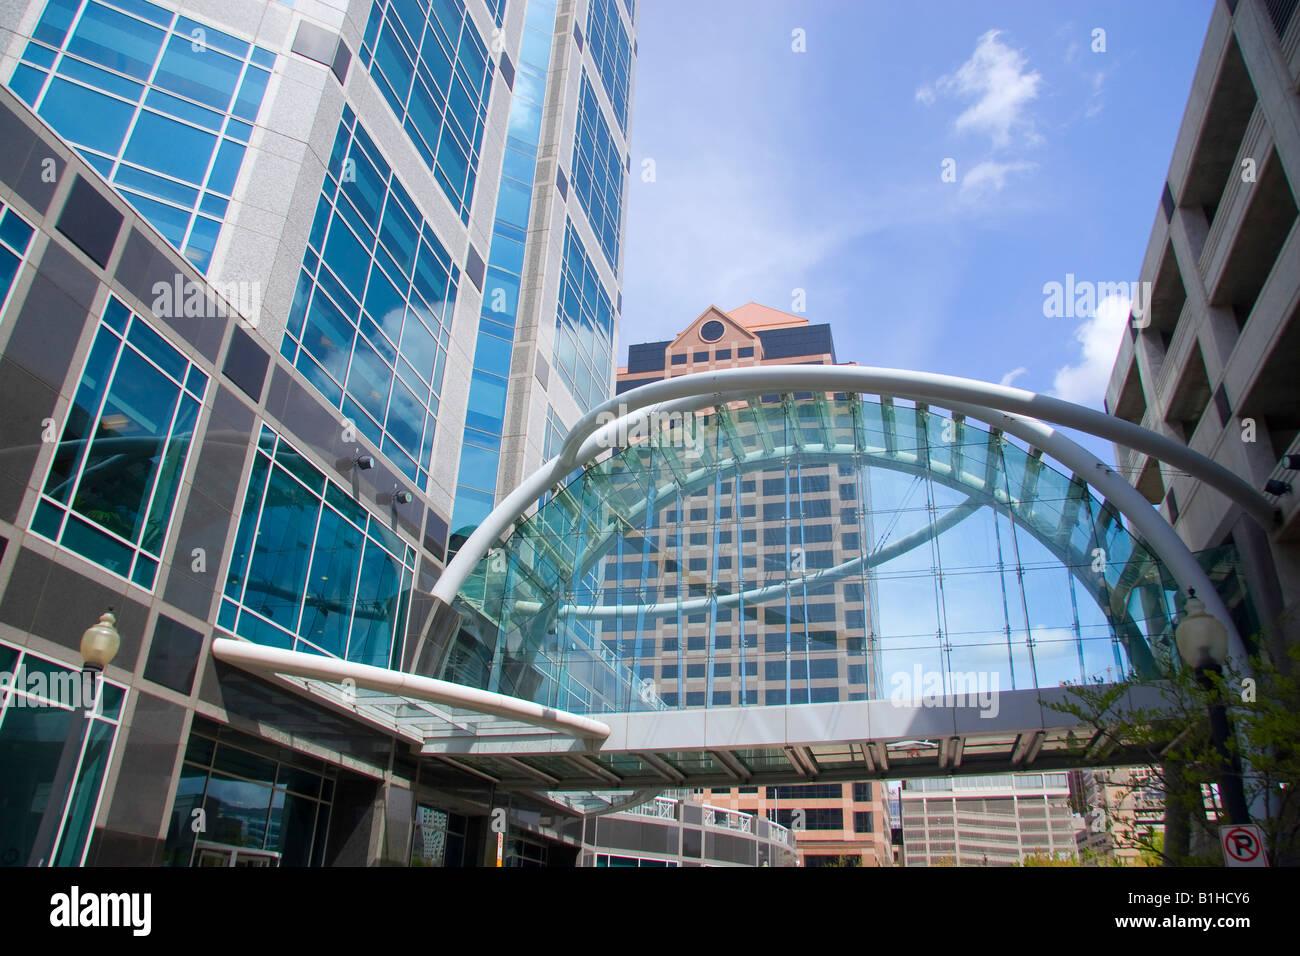 wells fargo building and pedestrian sky bridge in downtown